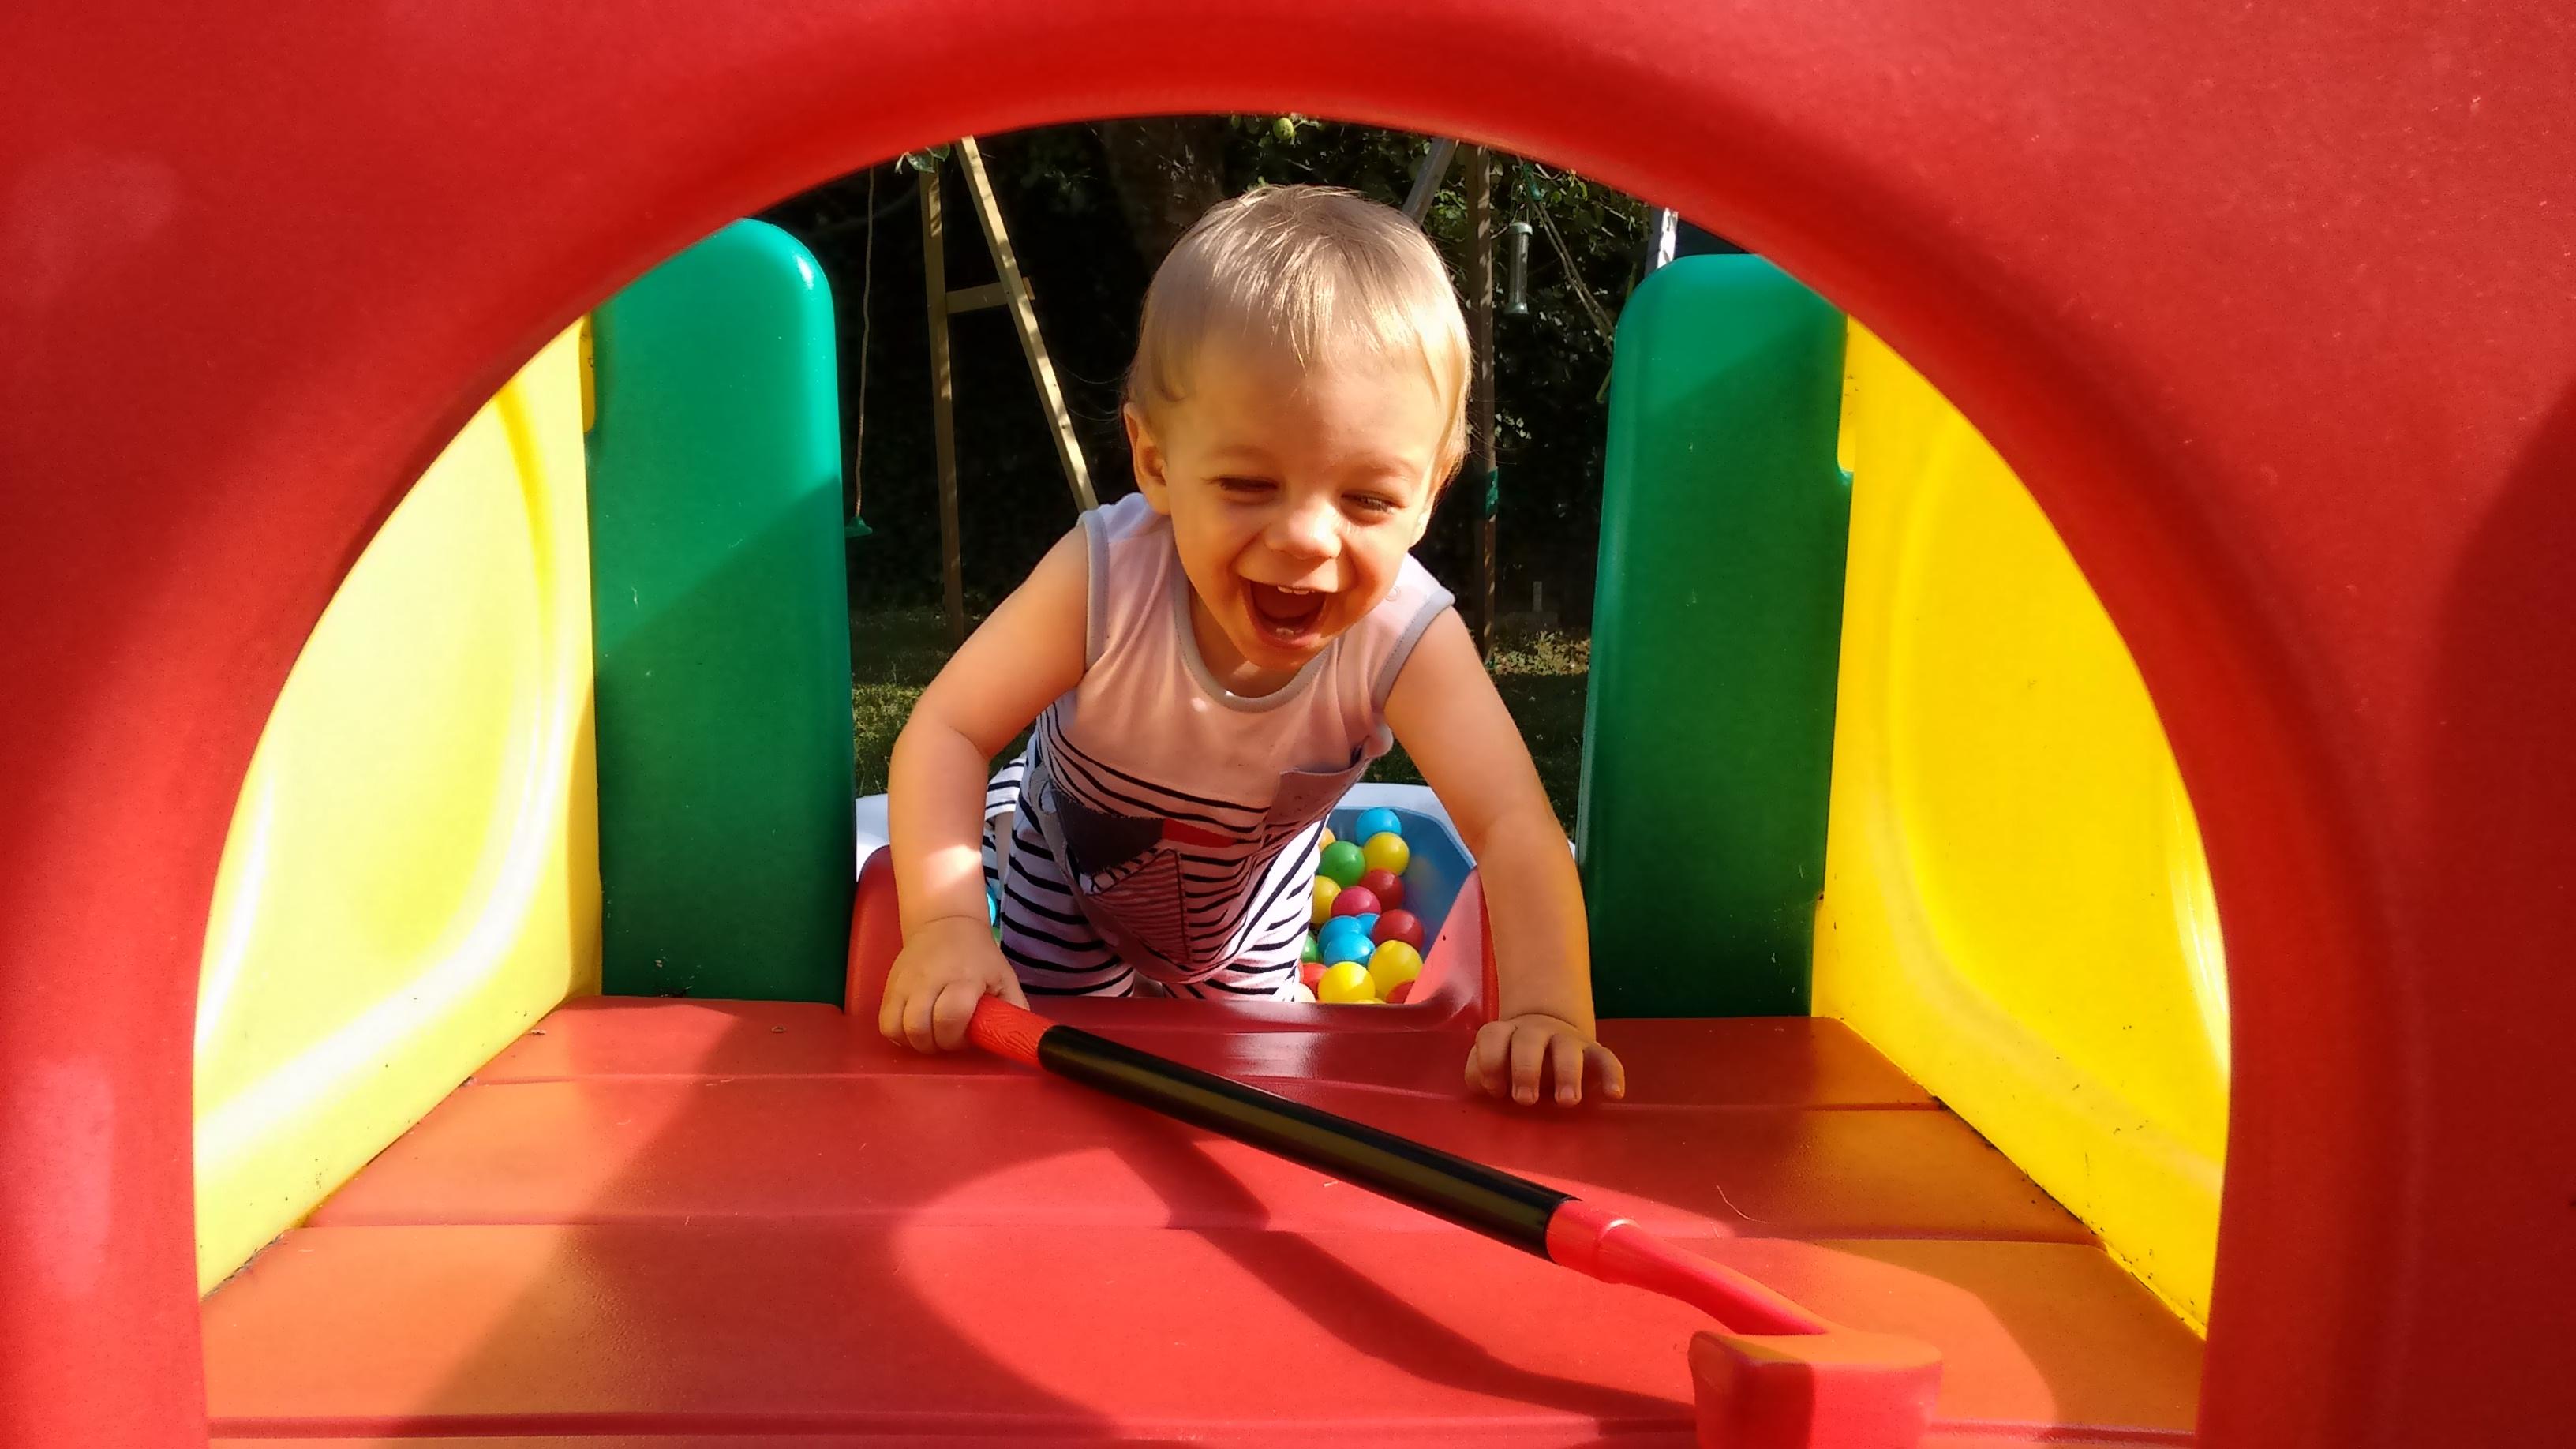 Climbing up a slide